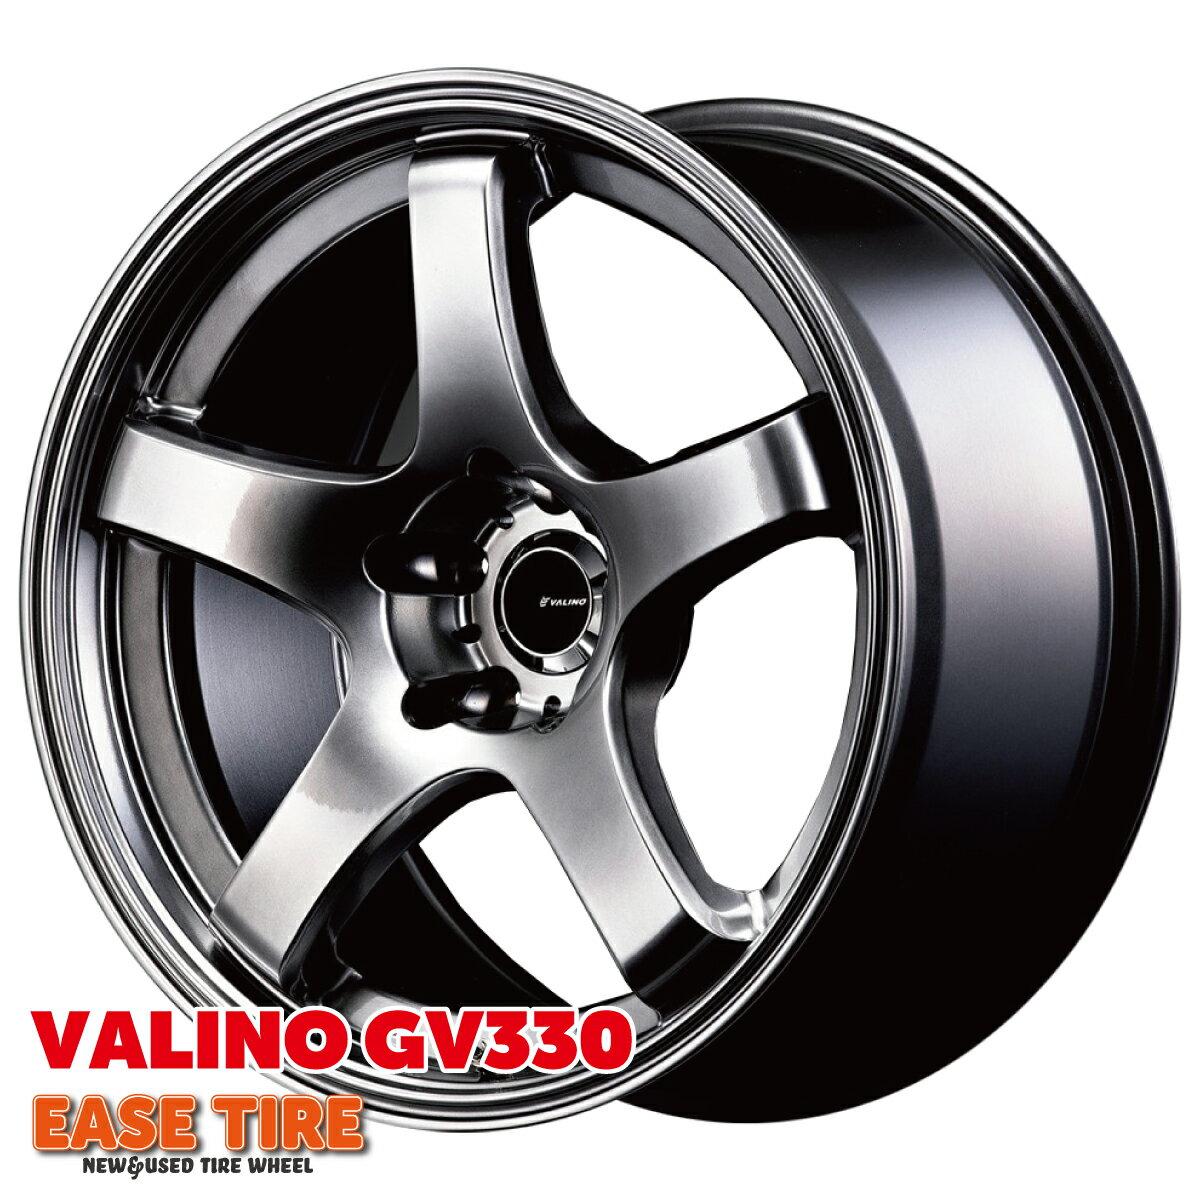 タイヤ・ホイール, ホイール 179.5J 0 114.3 5H VALINO GV330 1 4